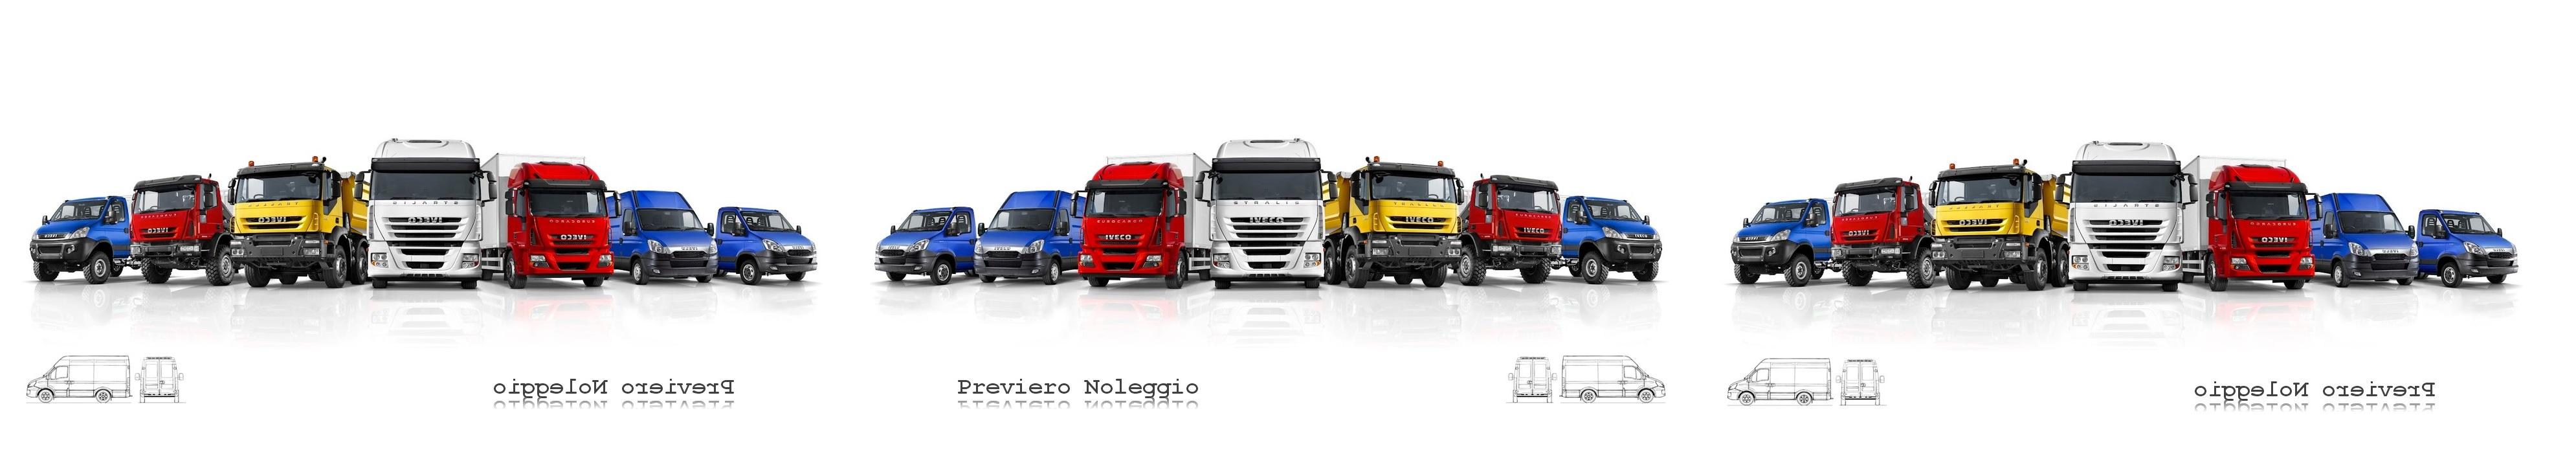 Noleggio-Veicoli-furgonati-per-trasporto-merci-Verona1